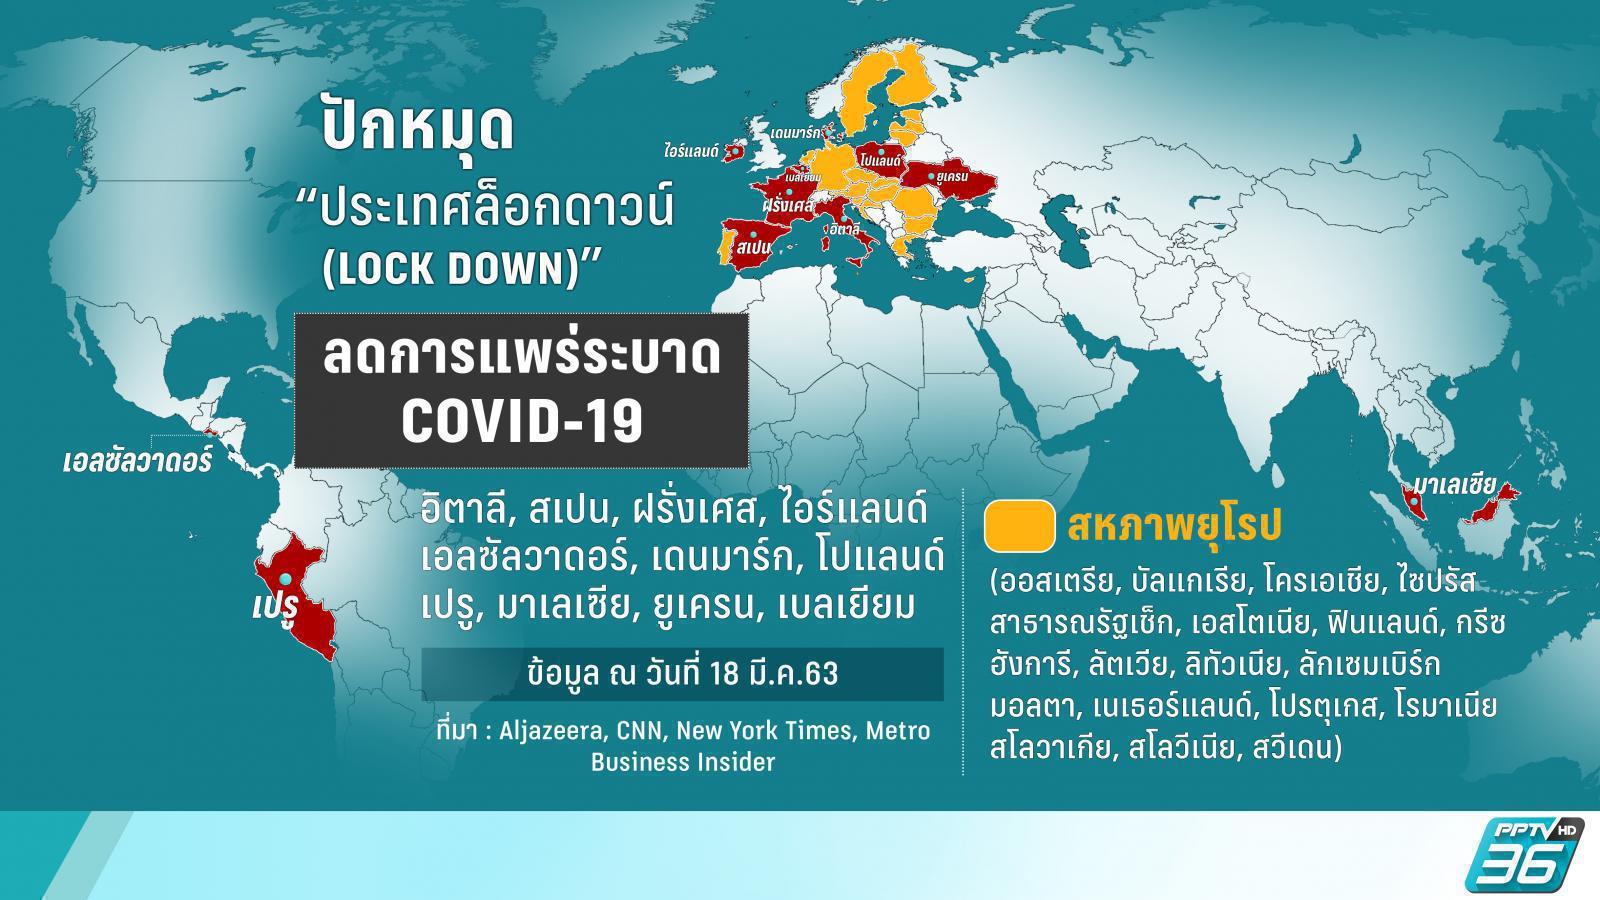 อัปเดต สถานการณ์ โควิด-19  ทั่วโลก ล่าสุด  19 มี.ค.63